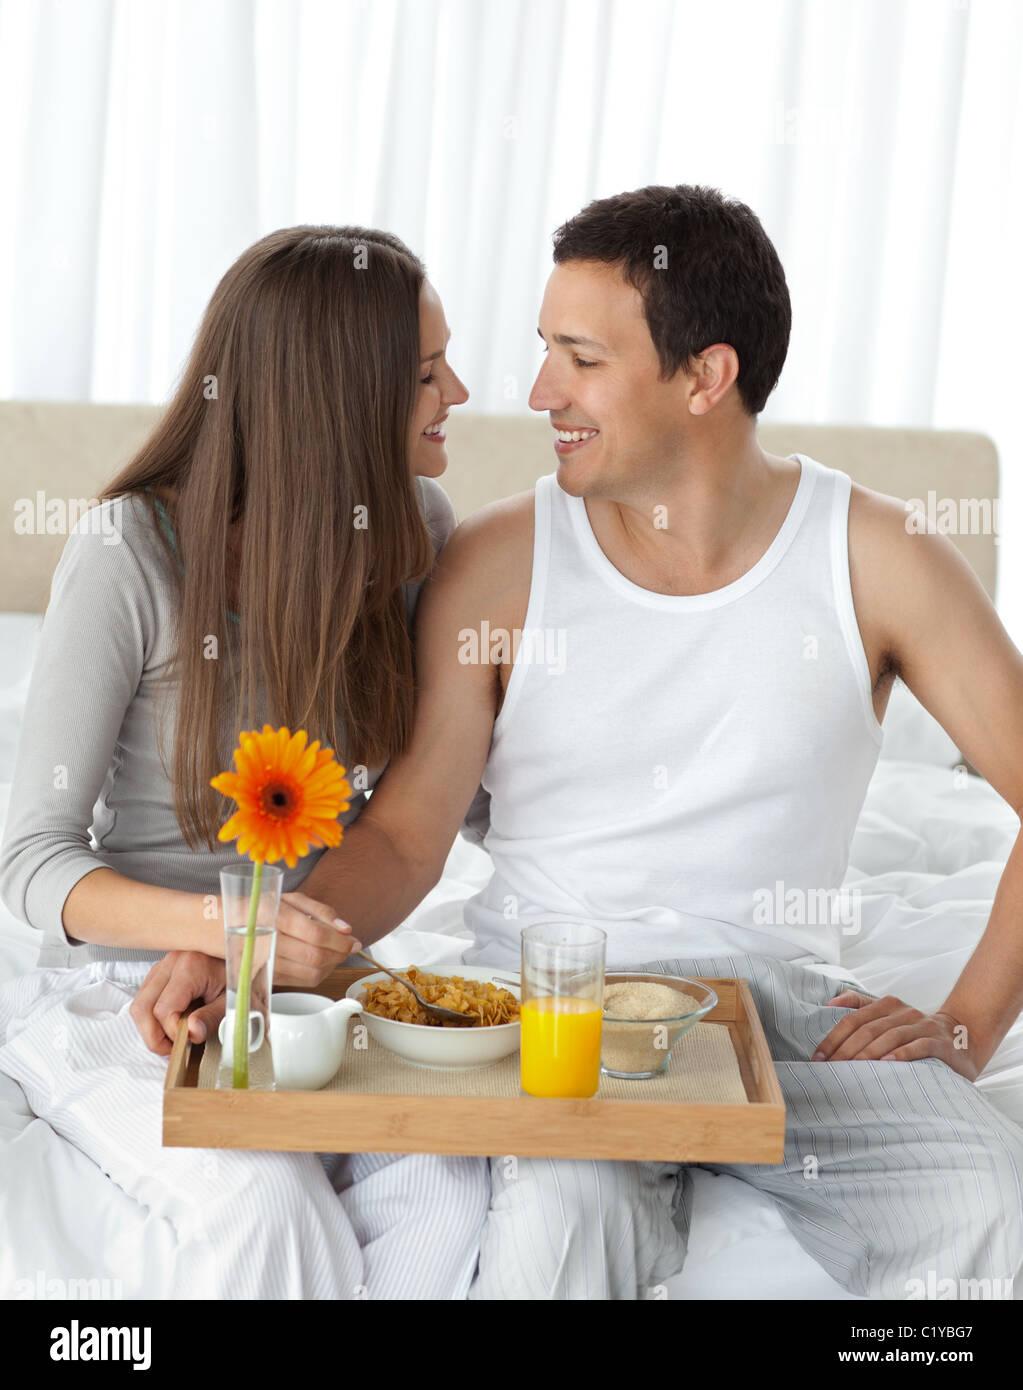 Leidenschaftliche Paare mit ihrem Frühstück sitzen auf dem Bett Stockbild